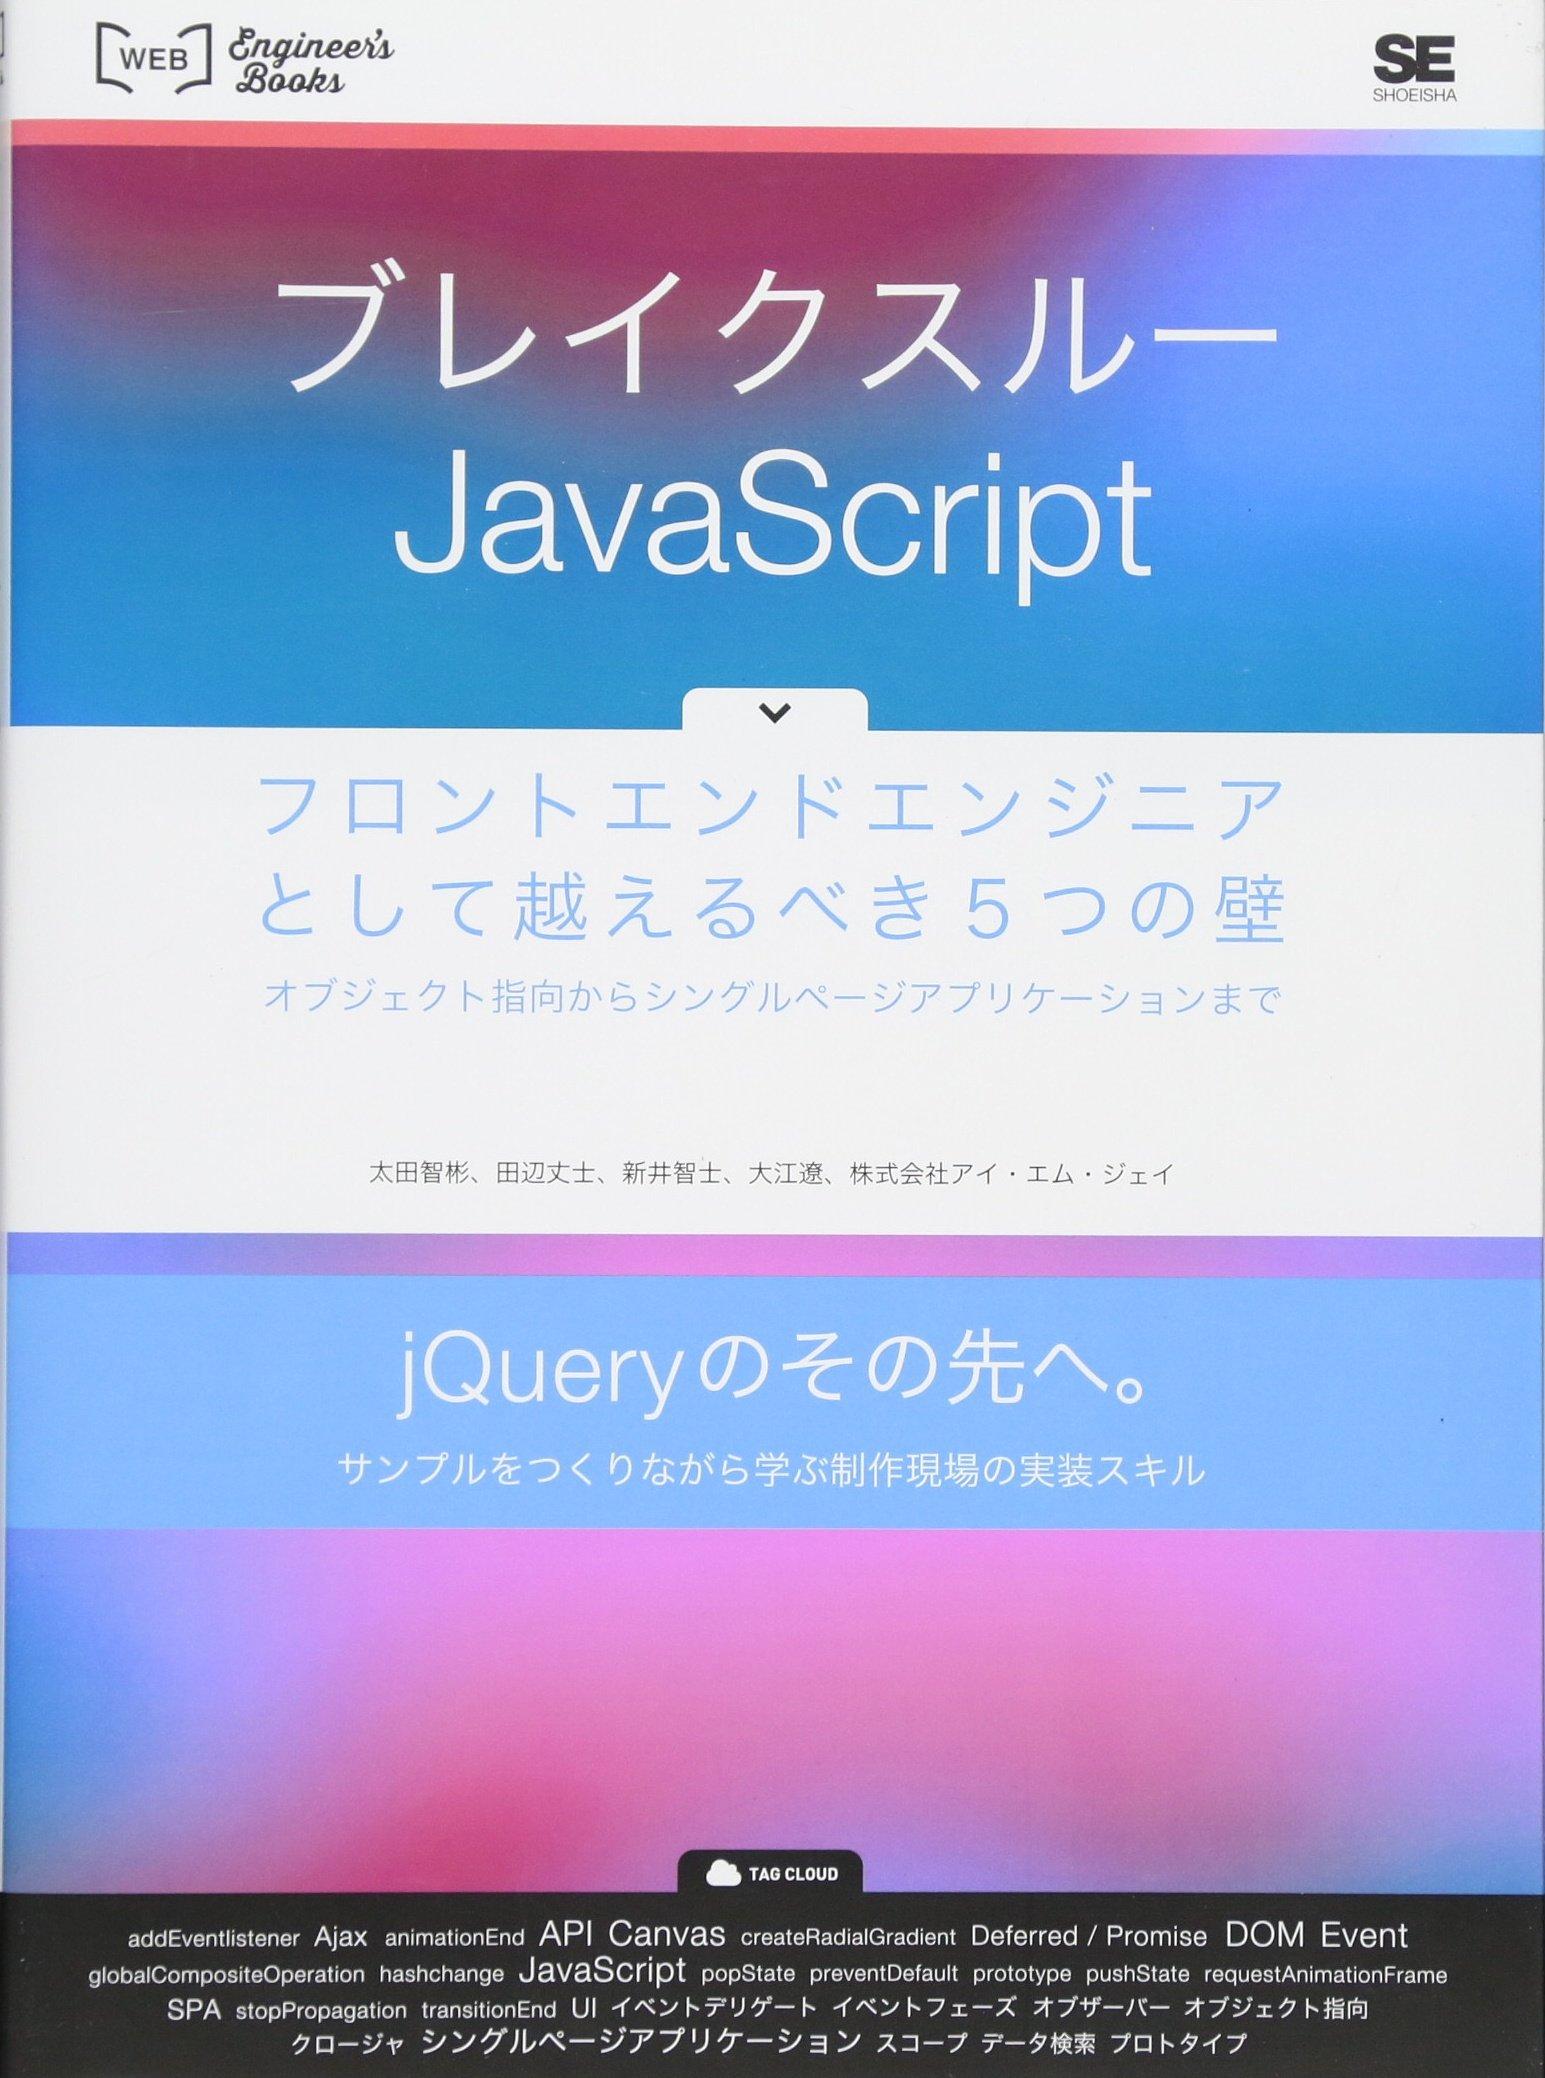 Image of ブレイクスルーJavaScript